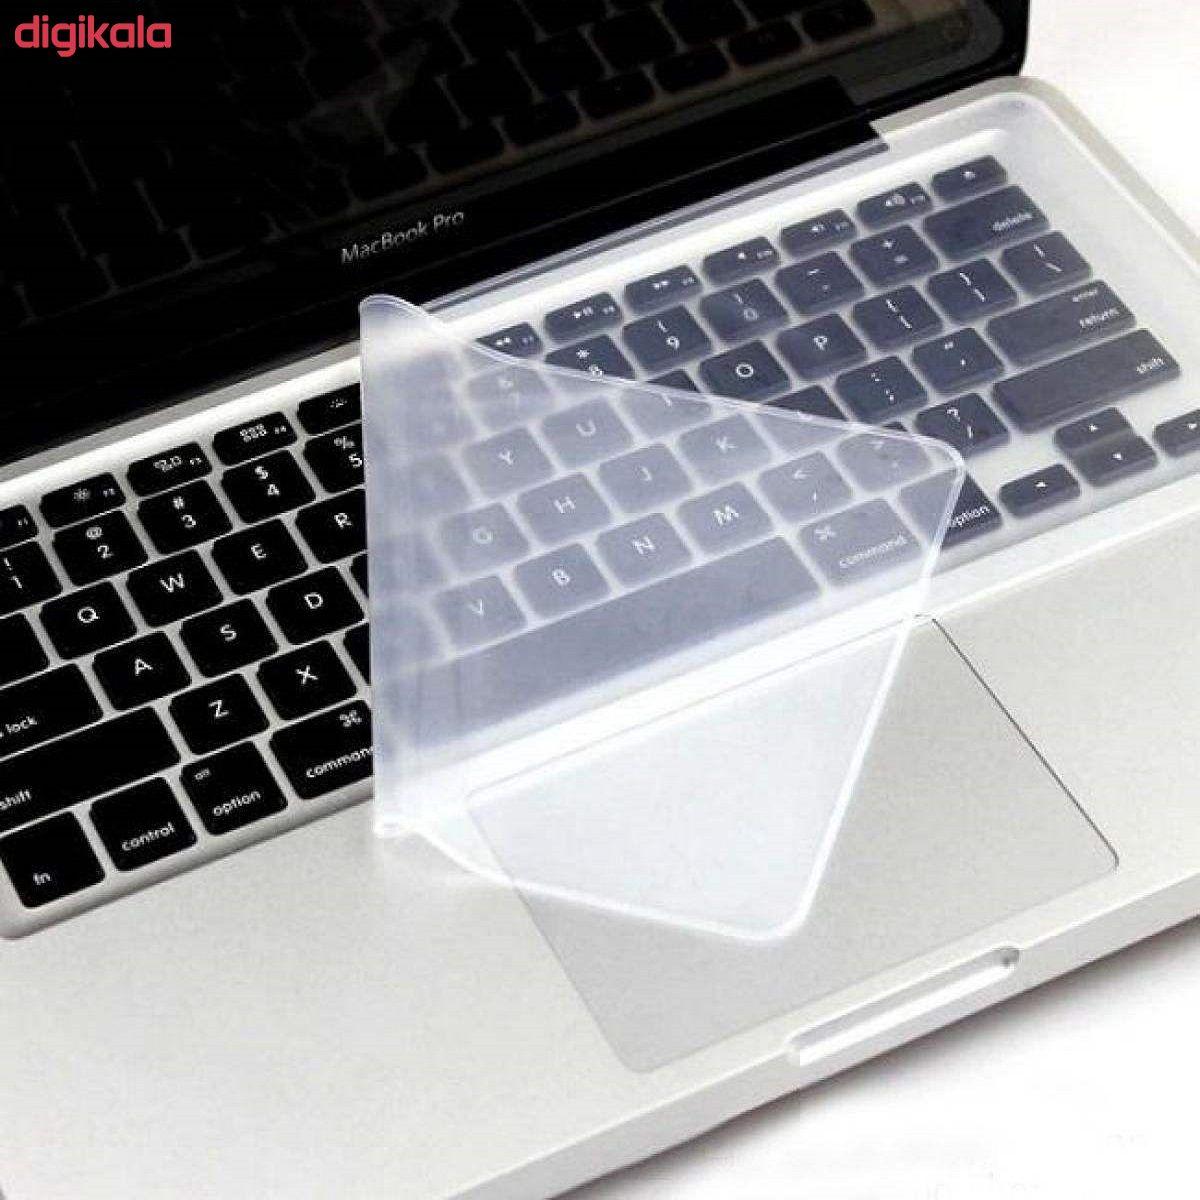 محافظ کیبورد مدل X2 مناسب برای لپ تاپ های 15.6 اینچ  main 1 4